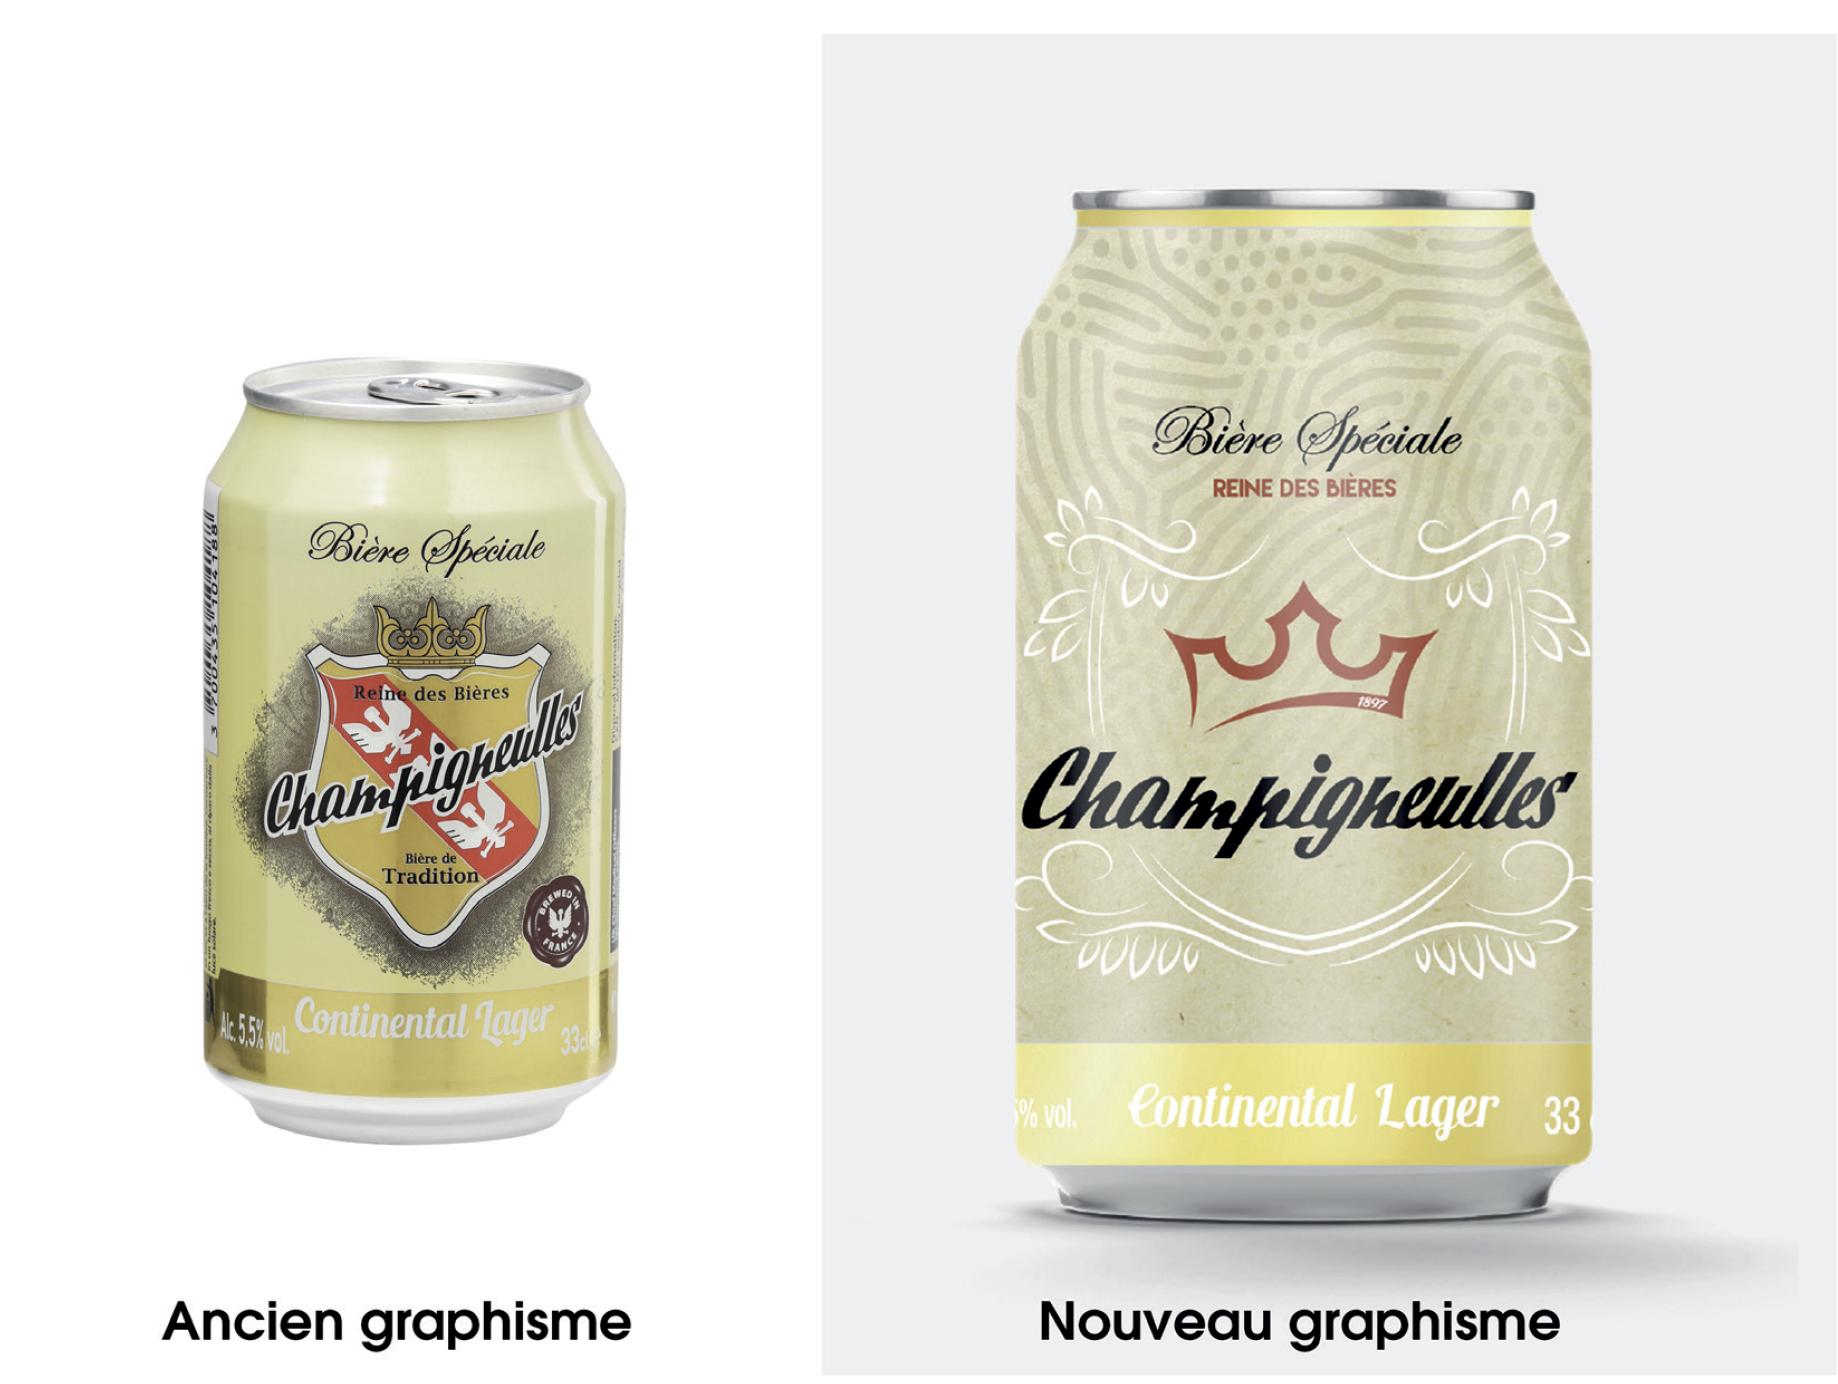 Canette Champigneulles